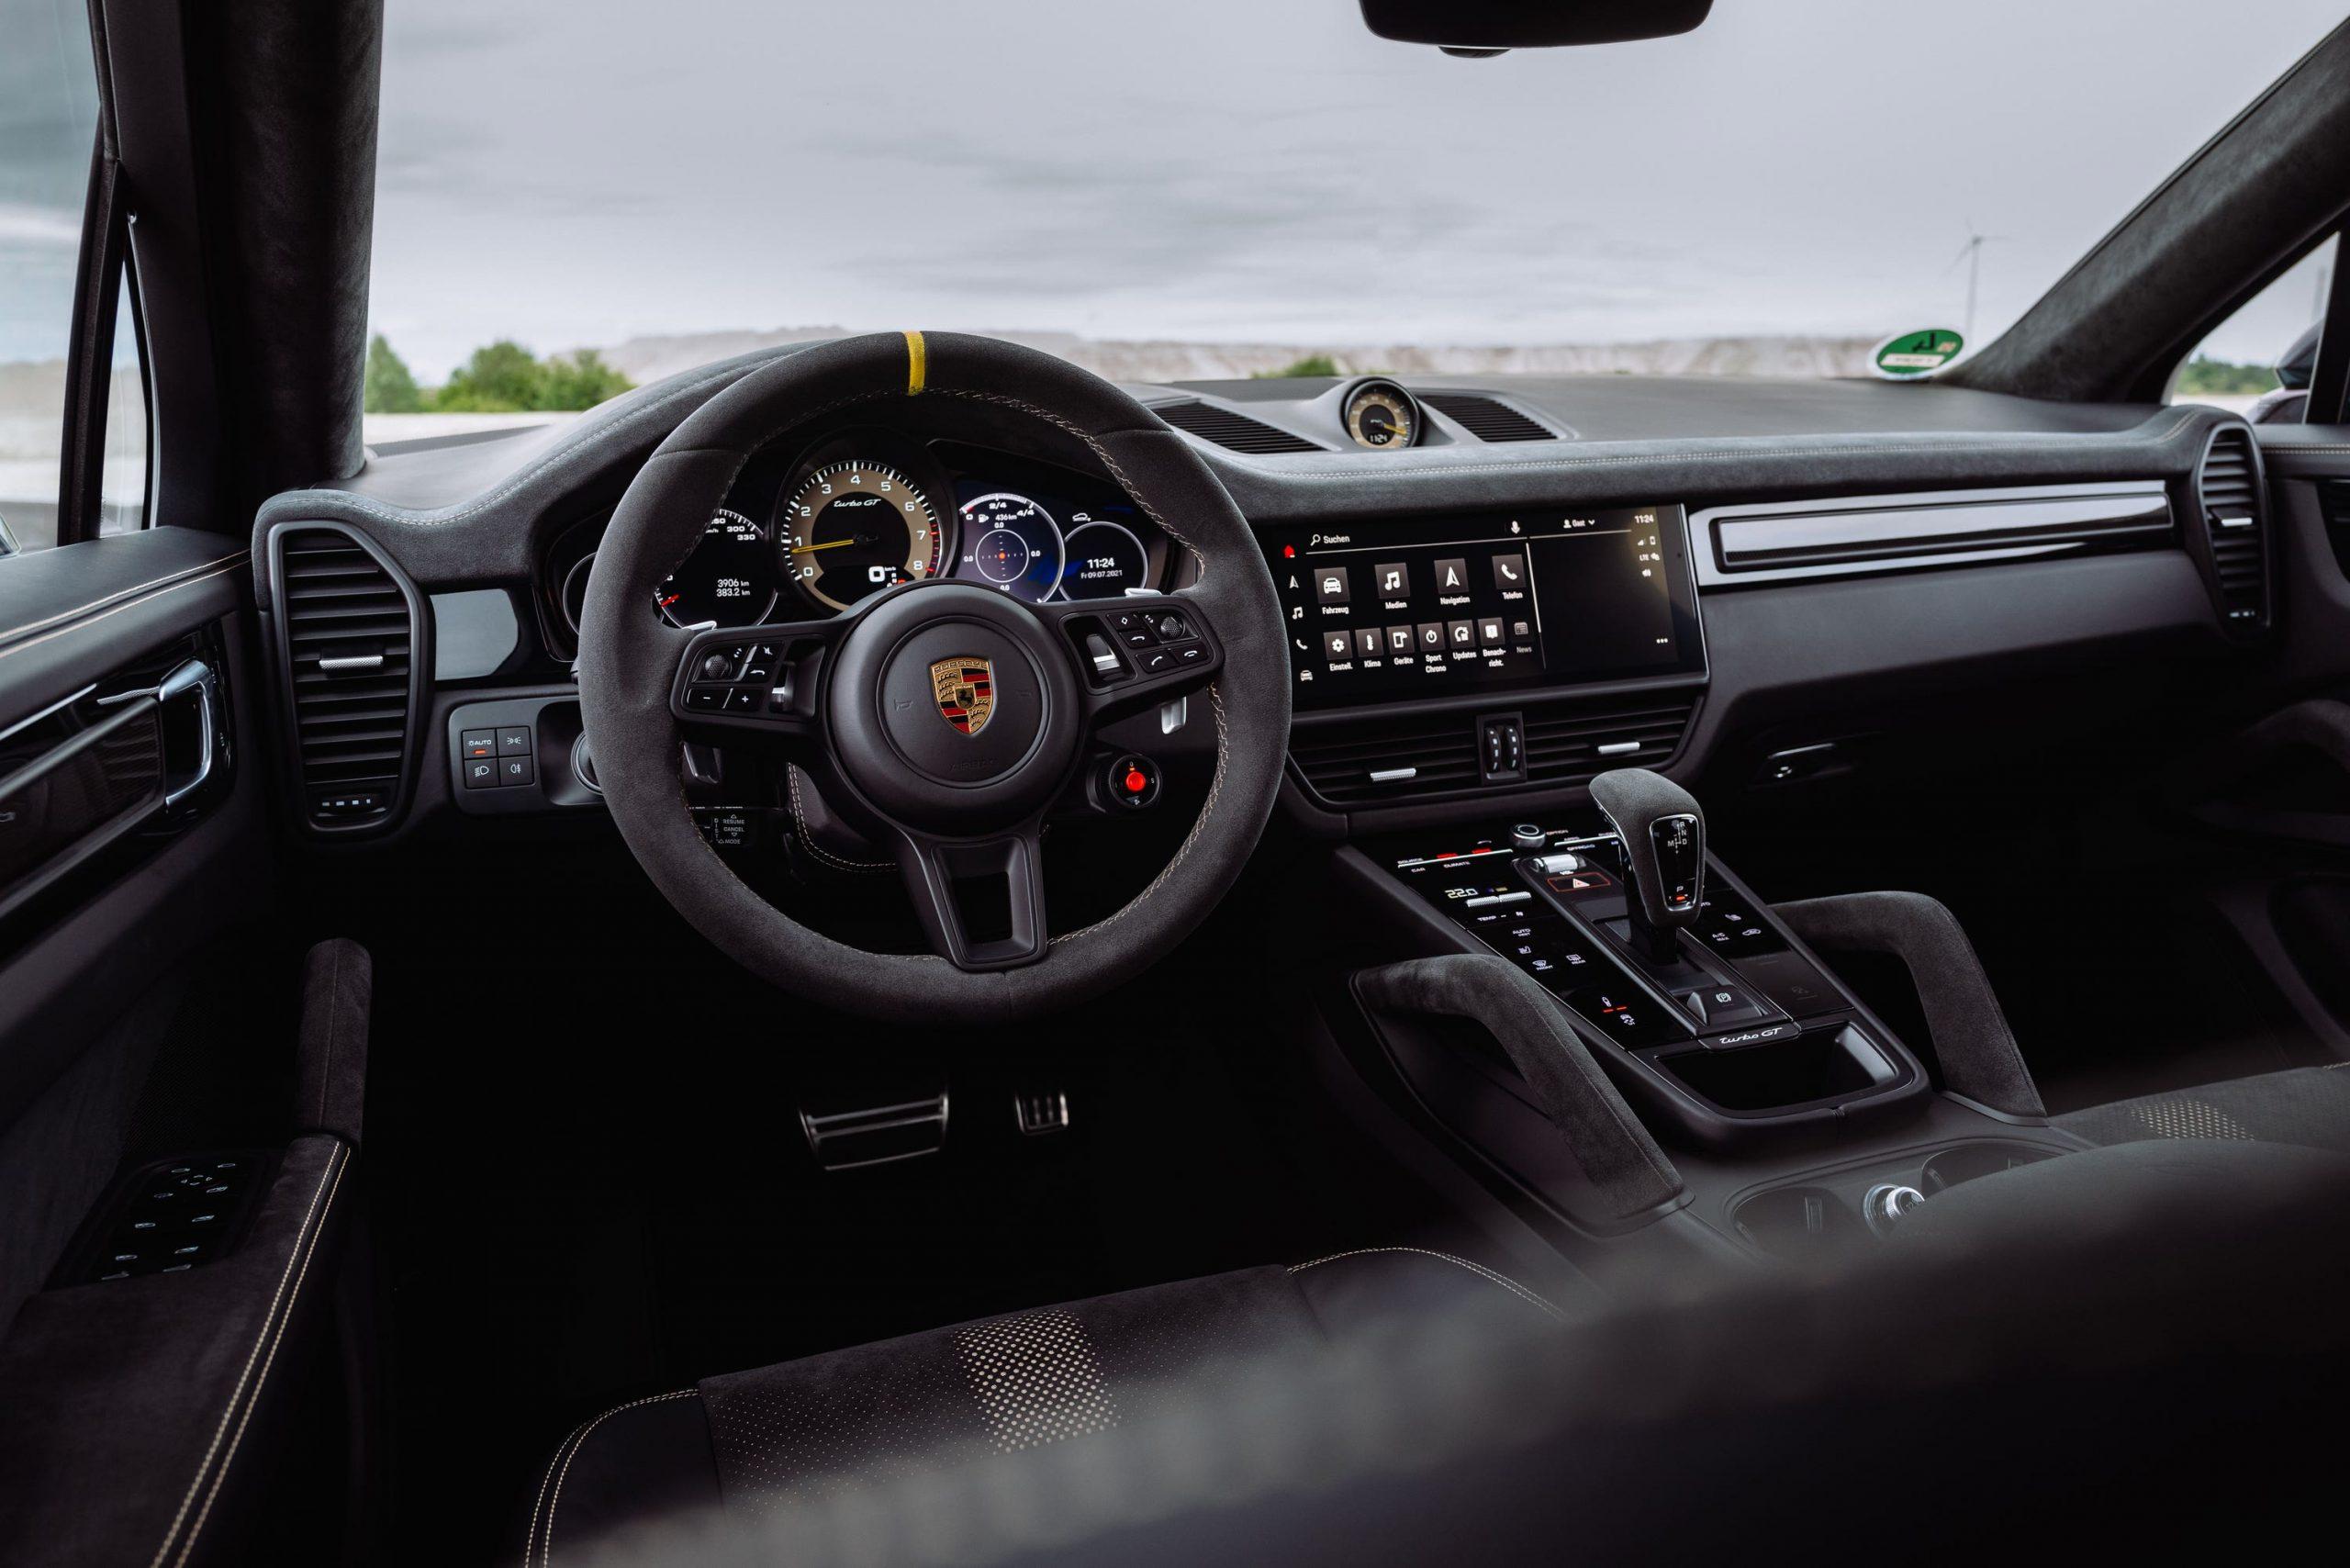 Interior of Porsche Cayenne Turbo GT